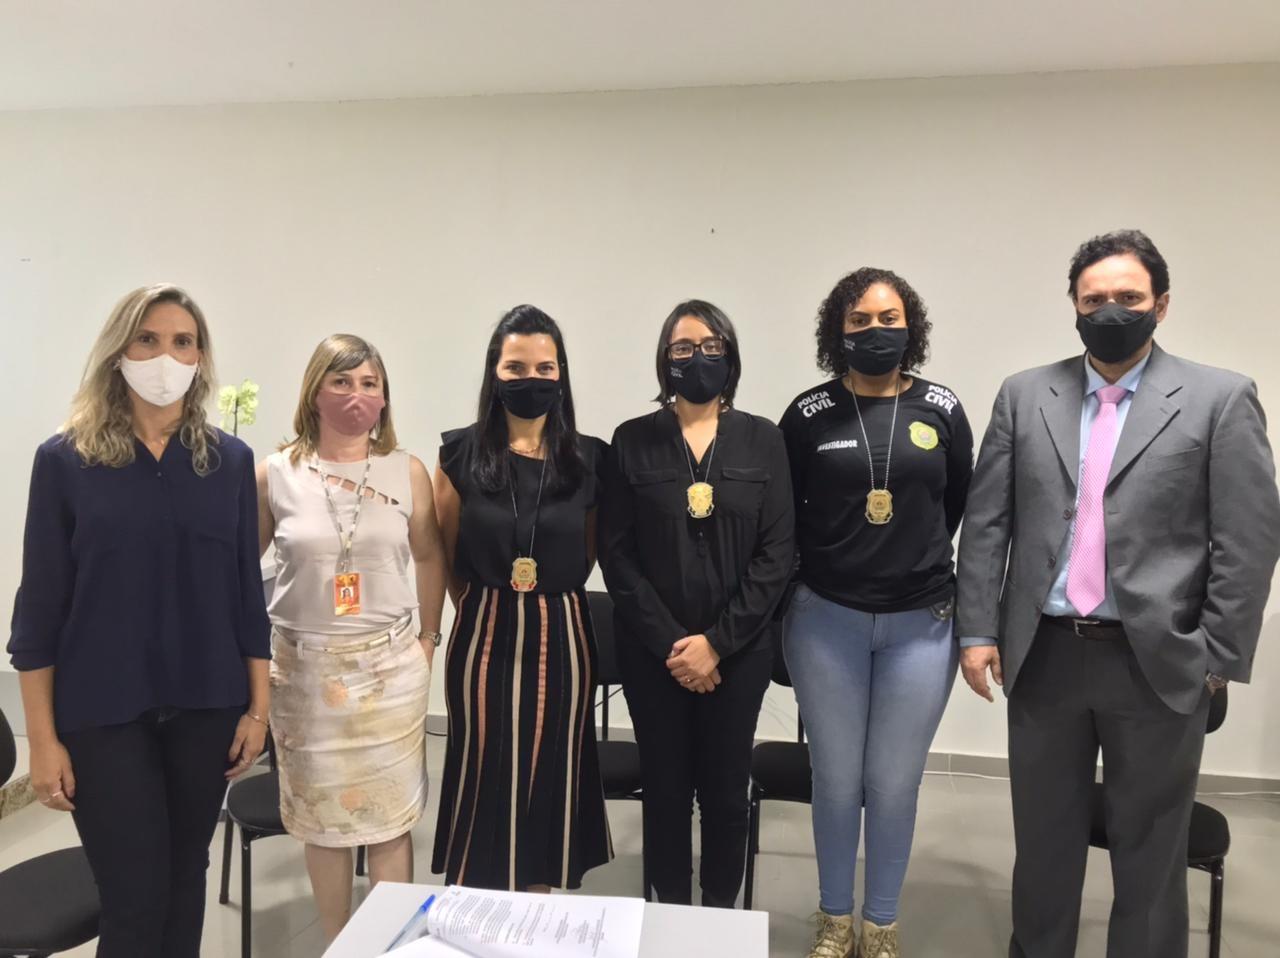 Projeto Elzas é lançado pela Polícia Civil em Manhuaçu